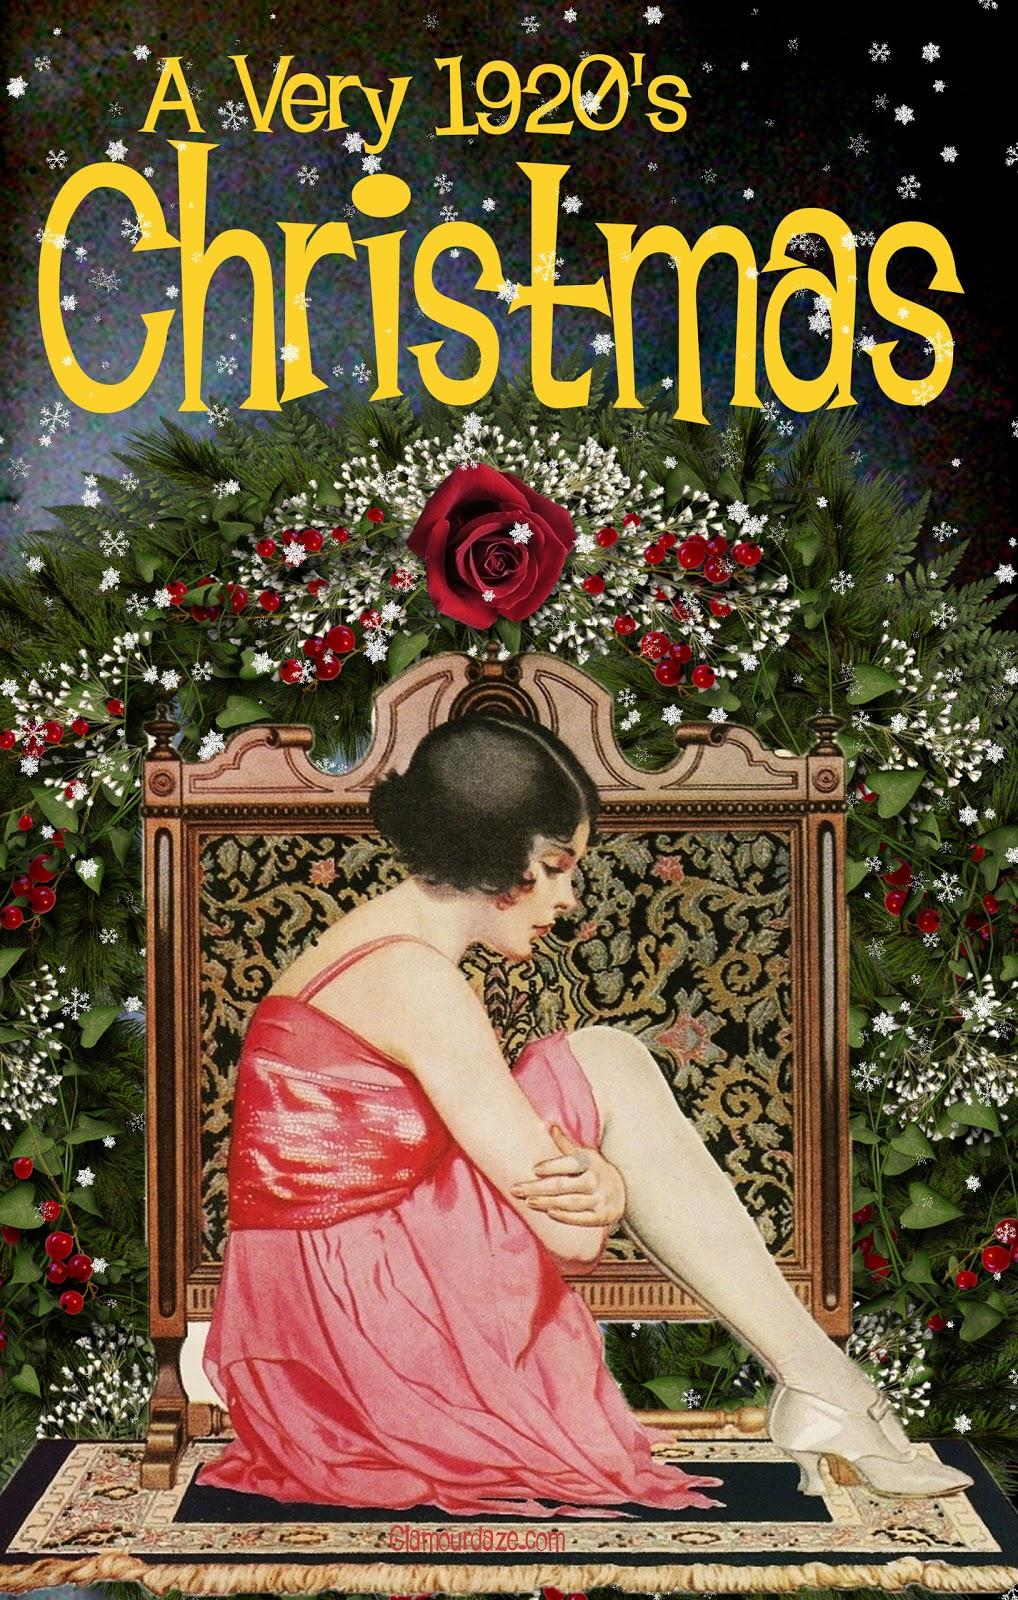 Free Printable Vintage Christmas Card | Glamour Daze - Free Printable Vintage Christmas Images